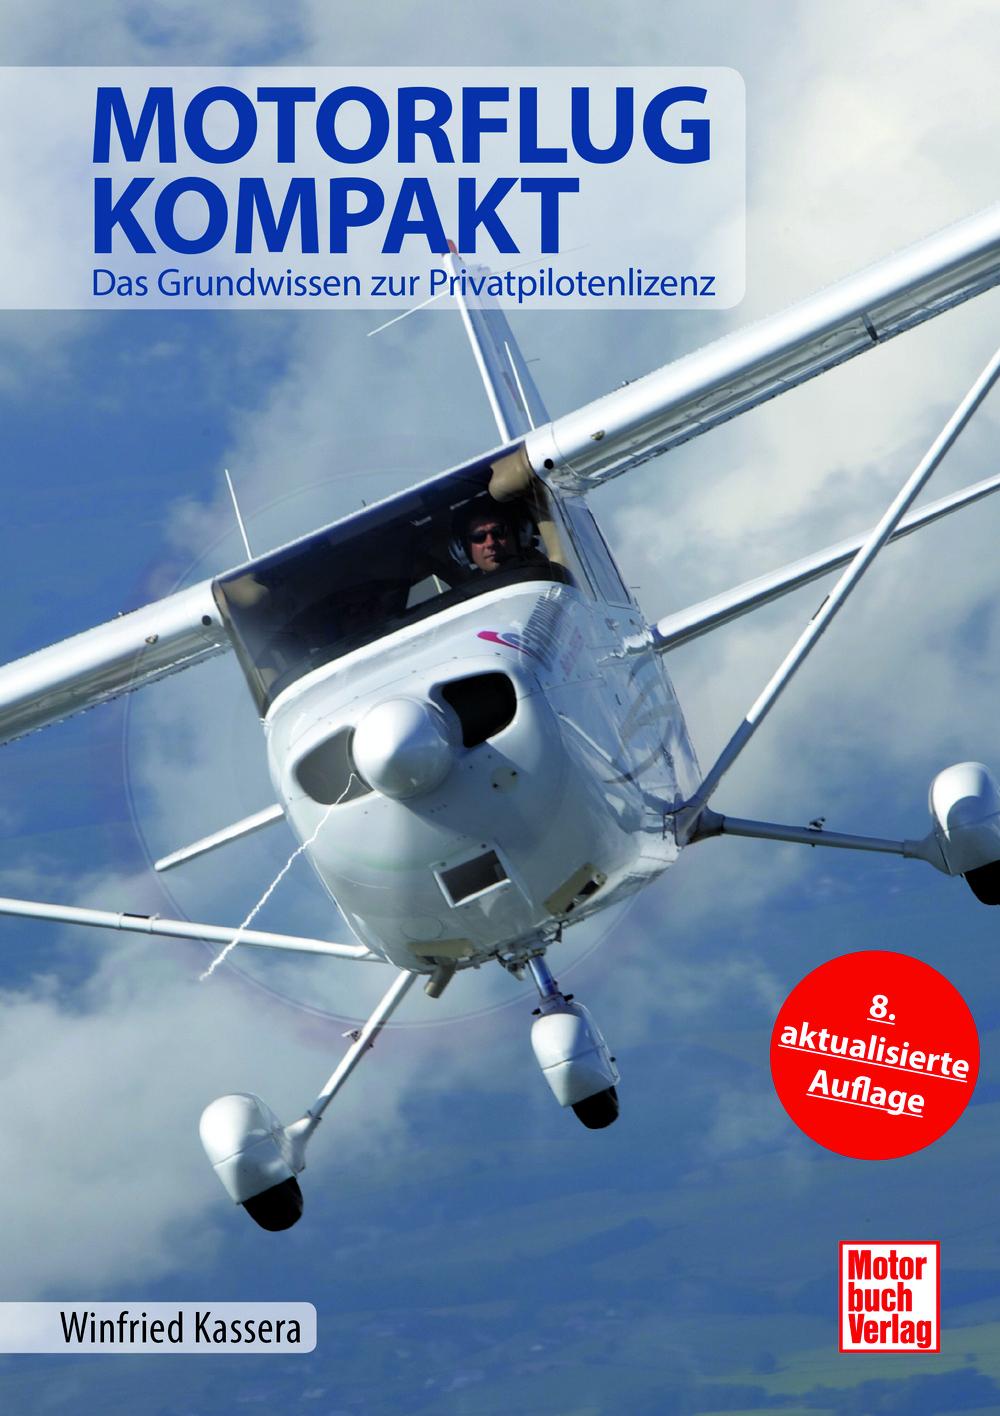 Motorbuch Verlag Motorflug kompakt